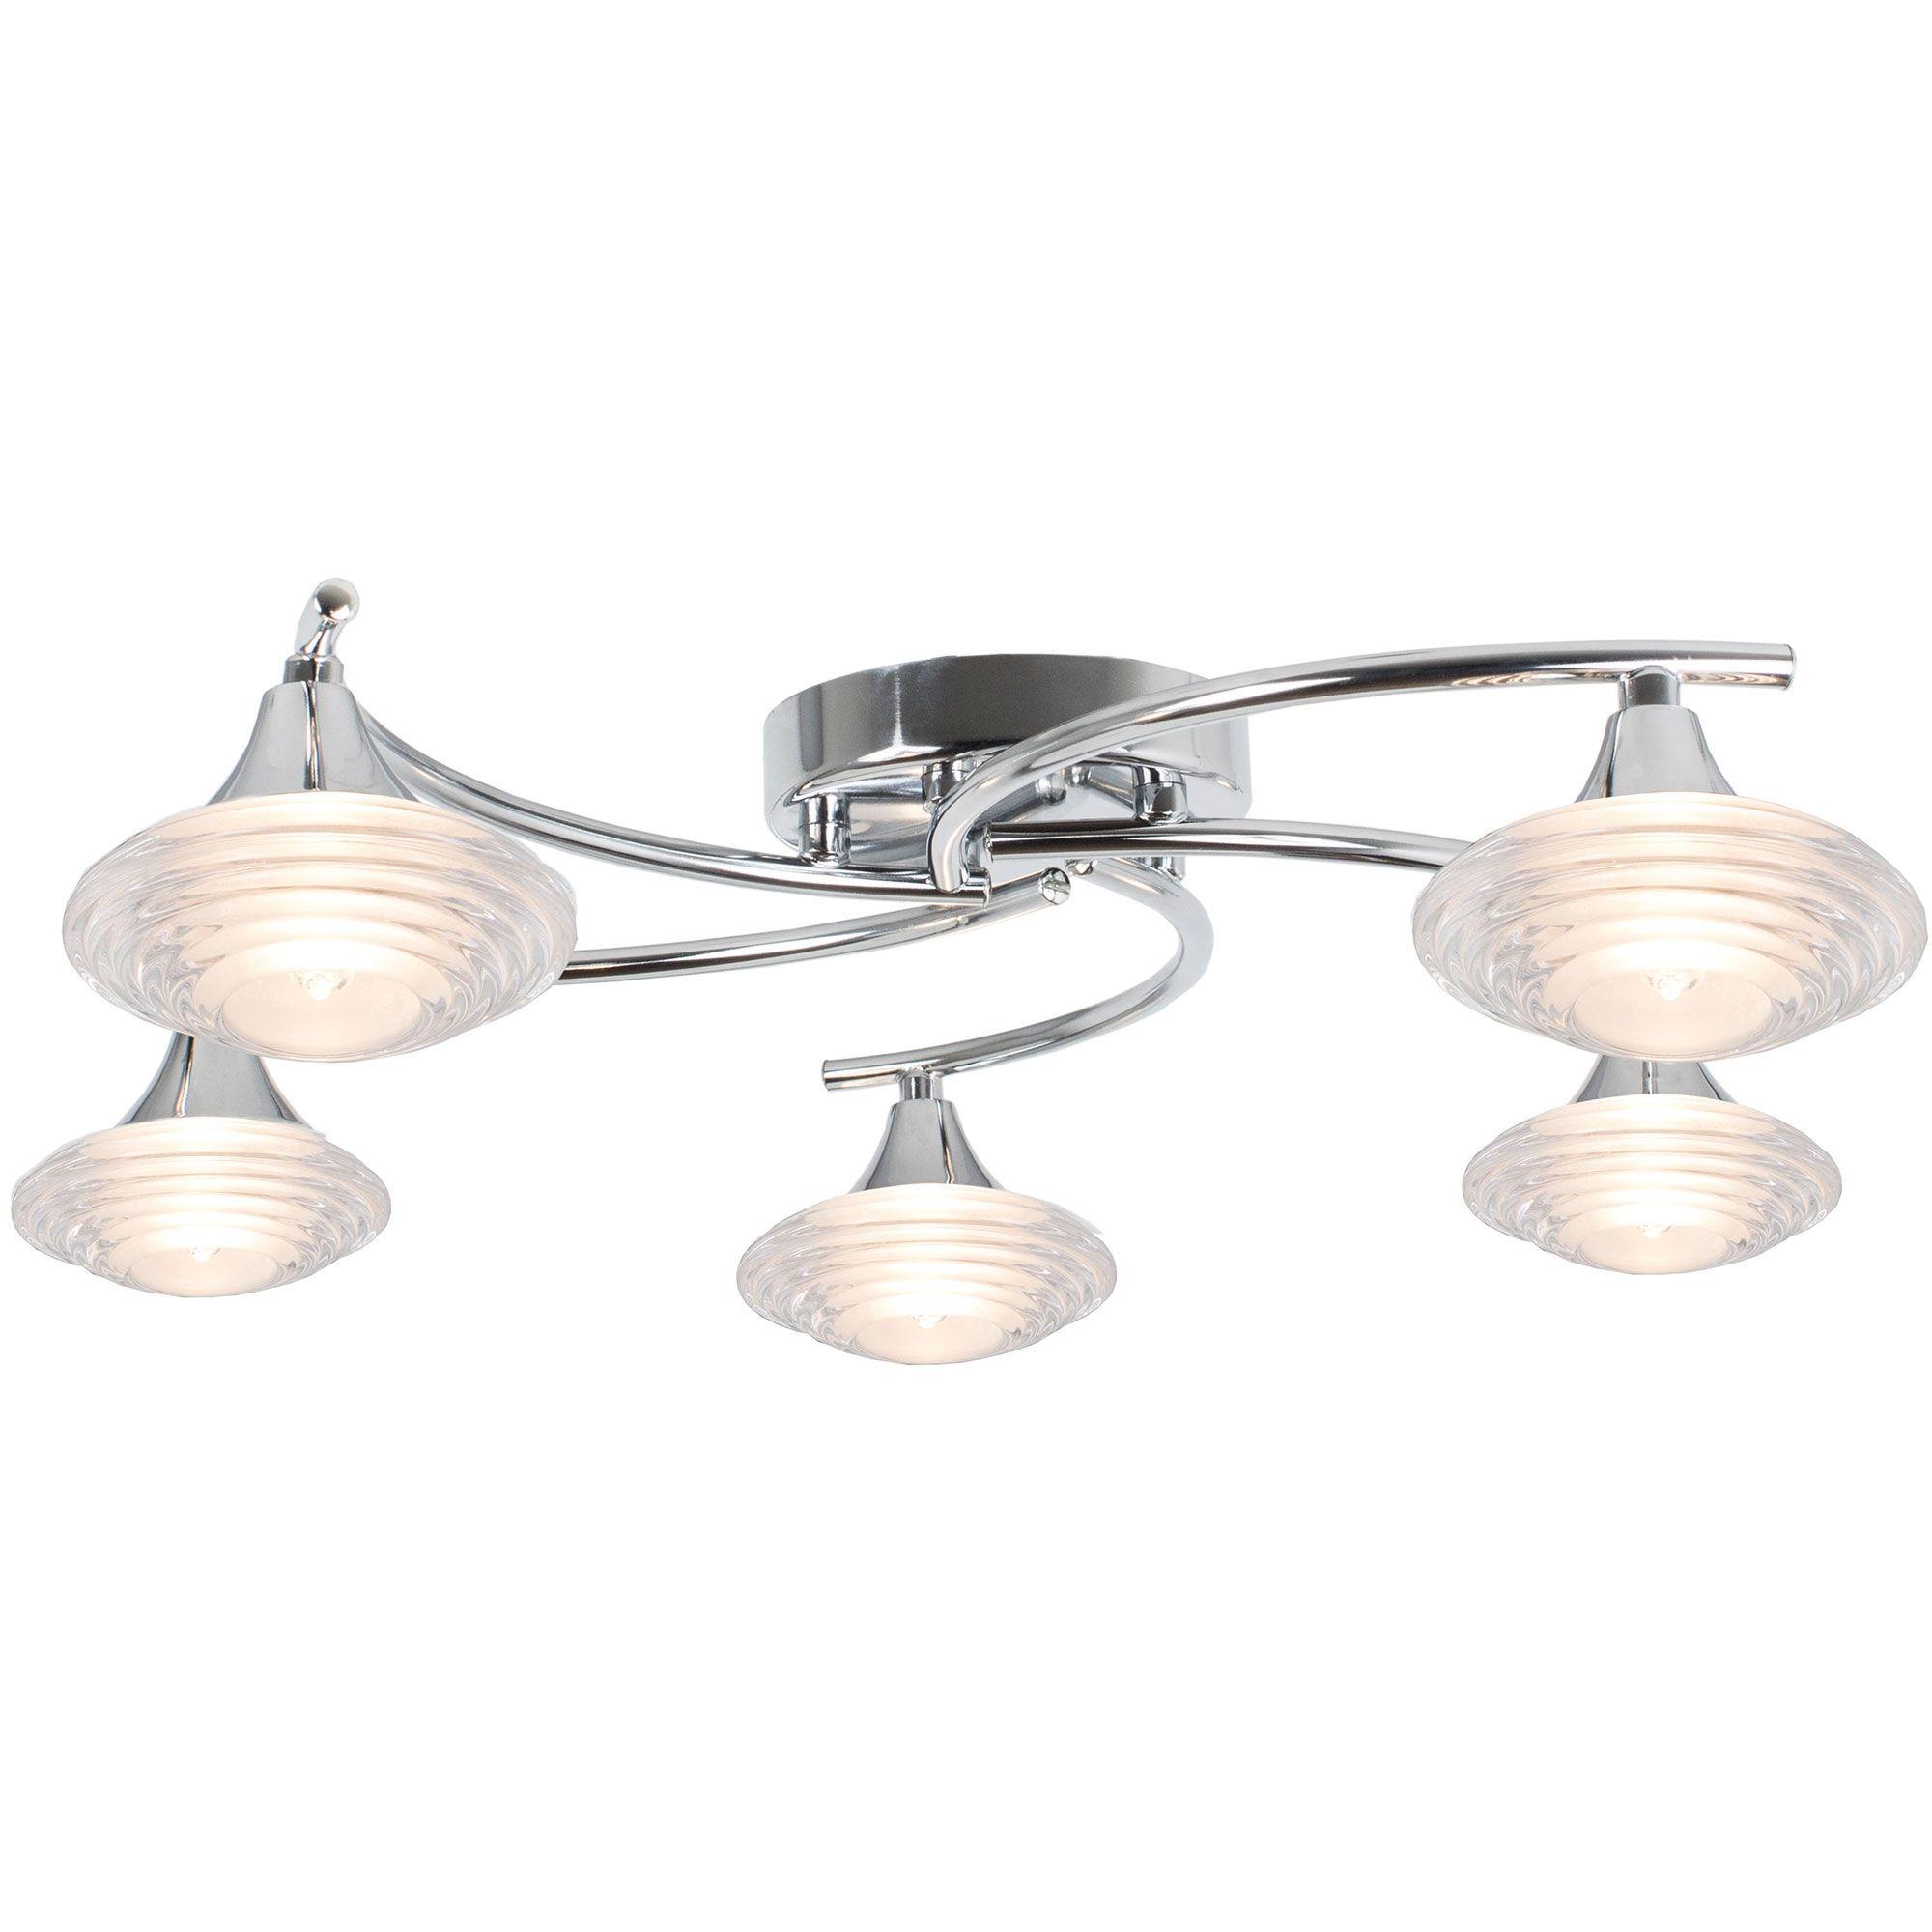 Conner 5 Light Semi Flush Ceiling Light